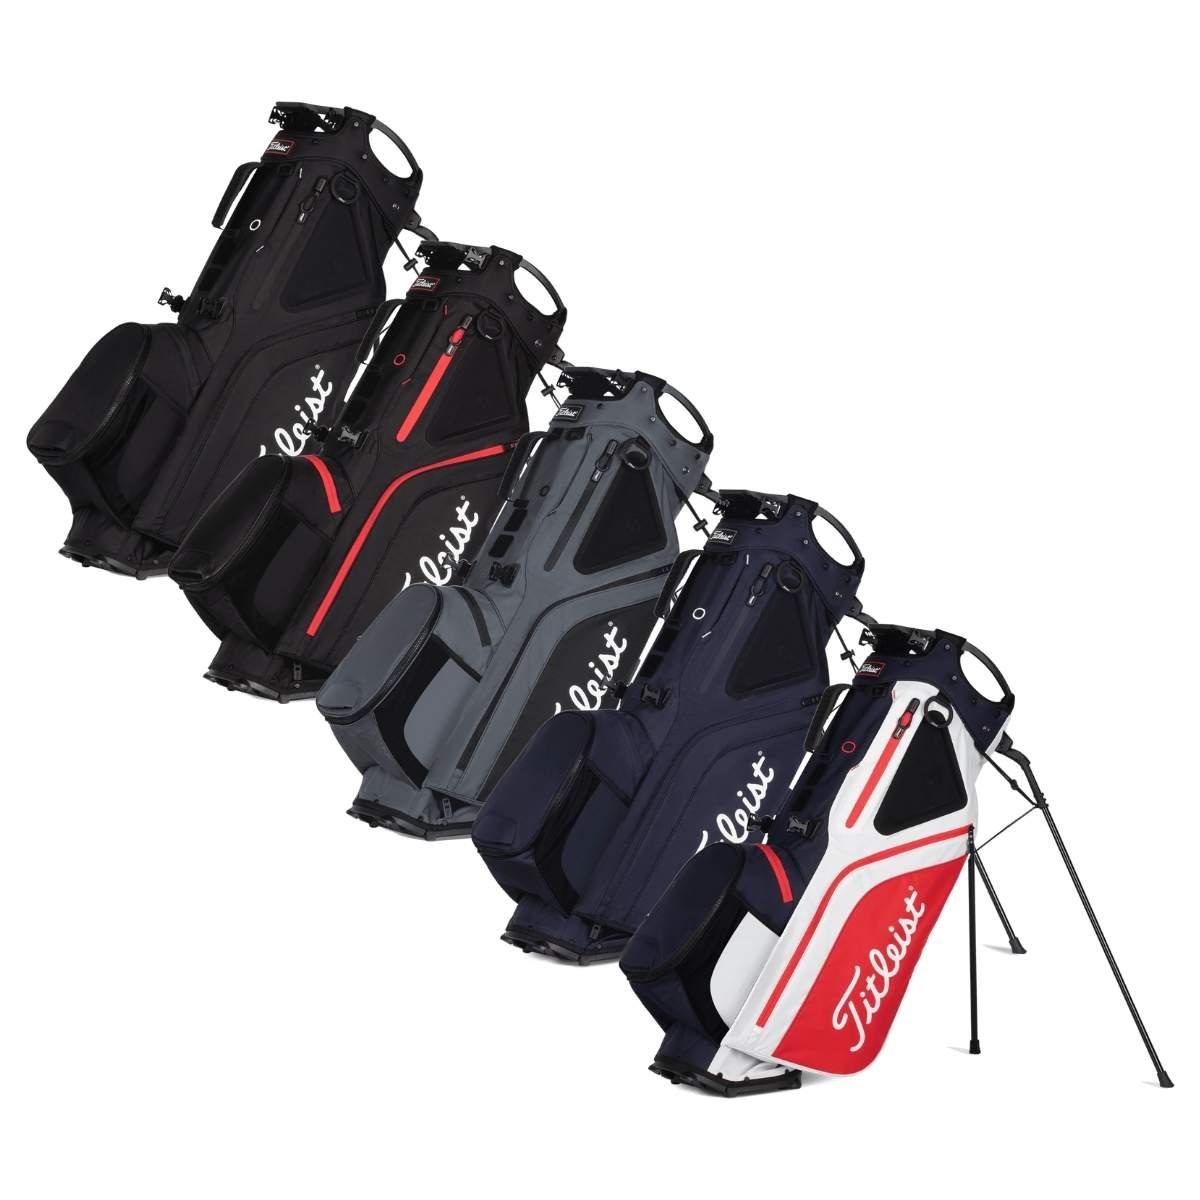 Titleist 2021 Hybrid 5 Stand Bag